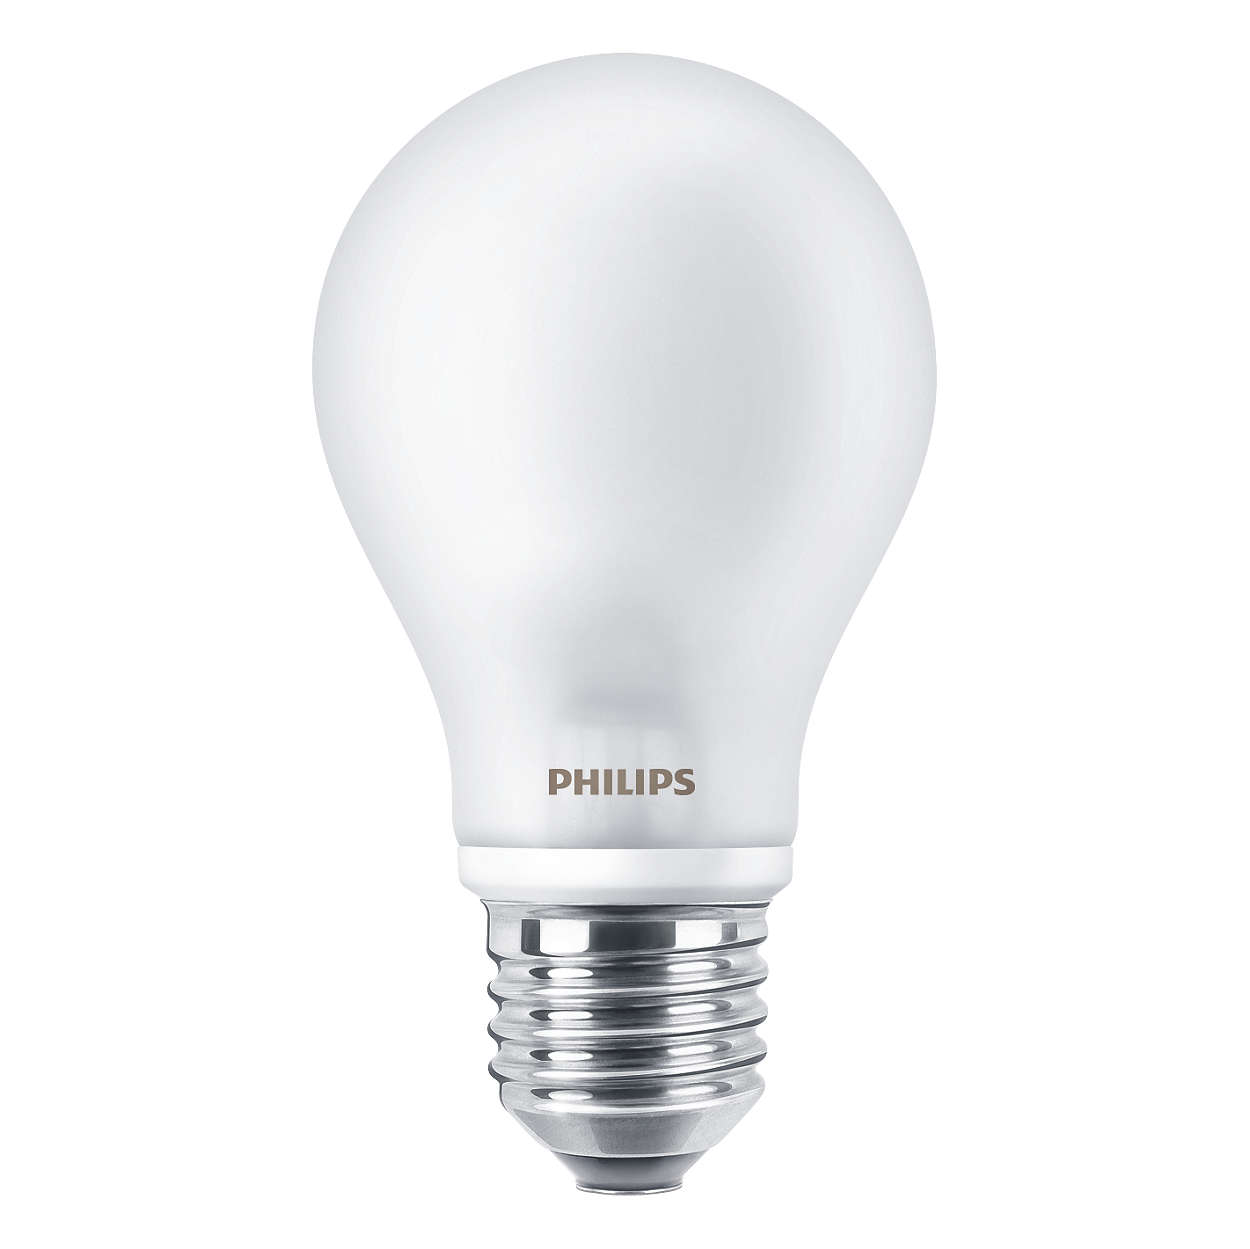 Klassisk look og indtryk og med dekorativ LED-filament